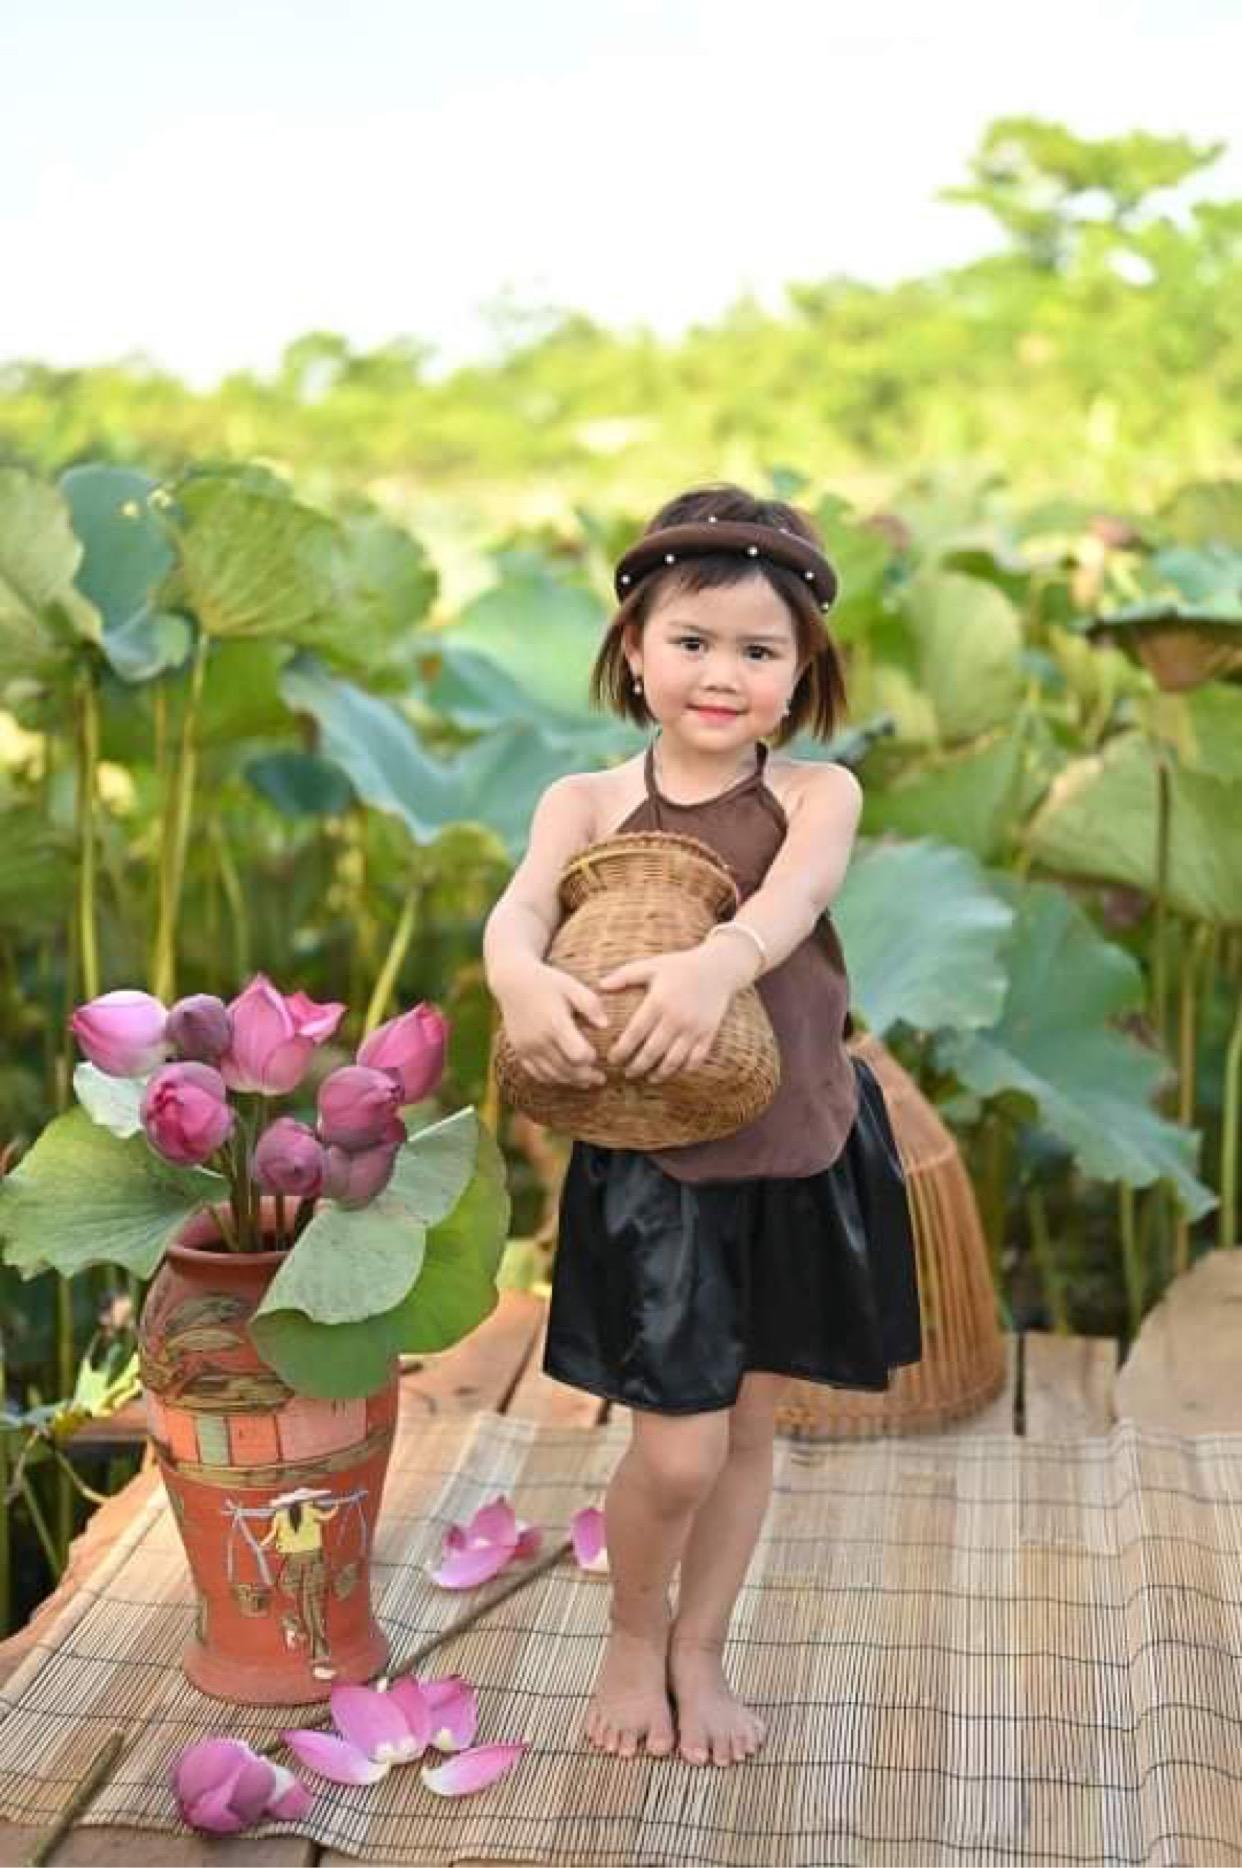 37391e51 d264 4b60 9eb8 5cb1d7cafcda 163223142311929551230 Tan chảy với những nàng công chúa tí hon siêu đáng yêu